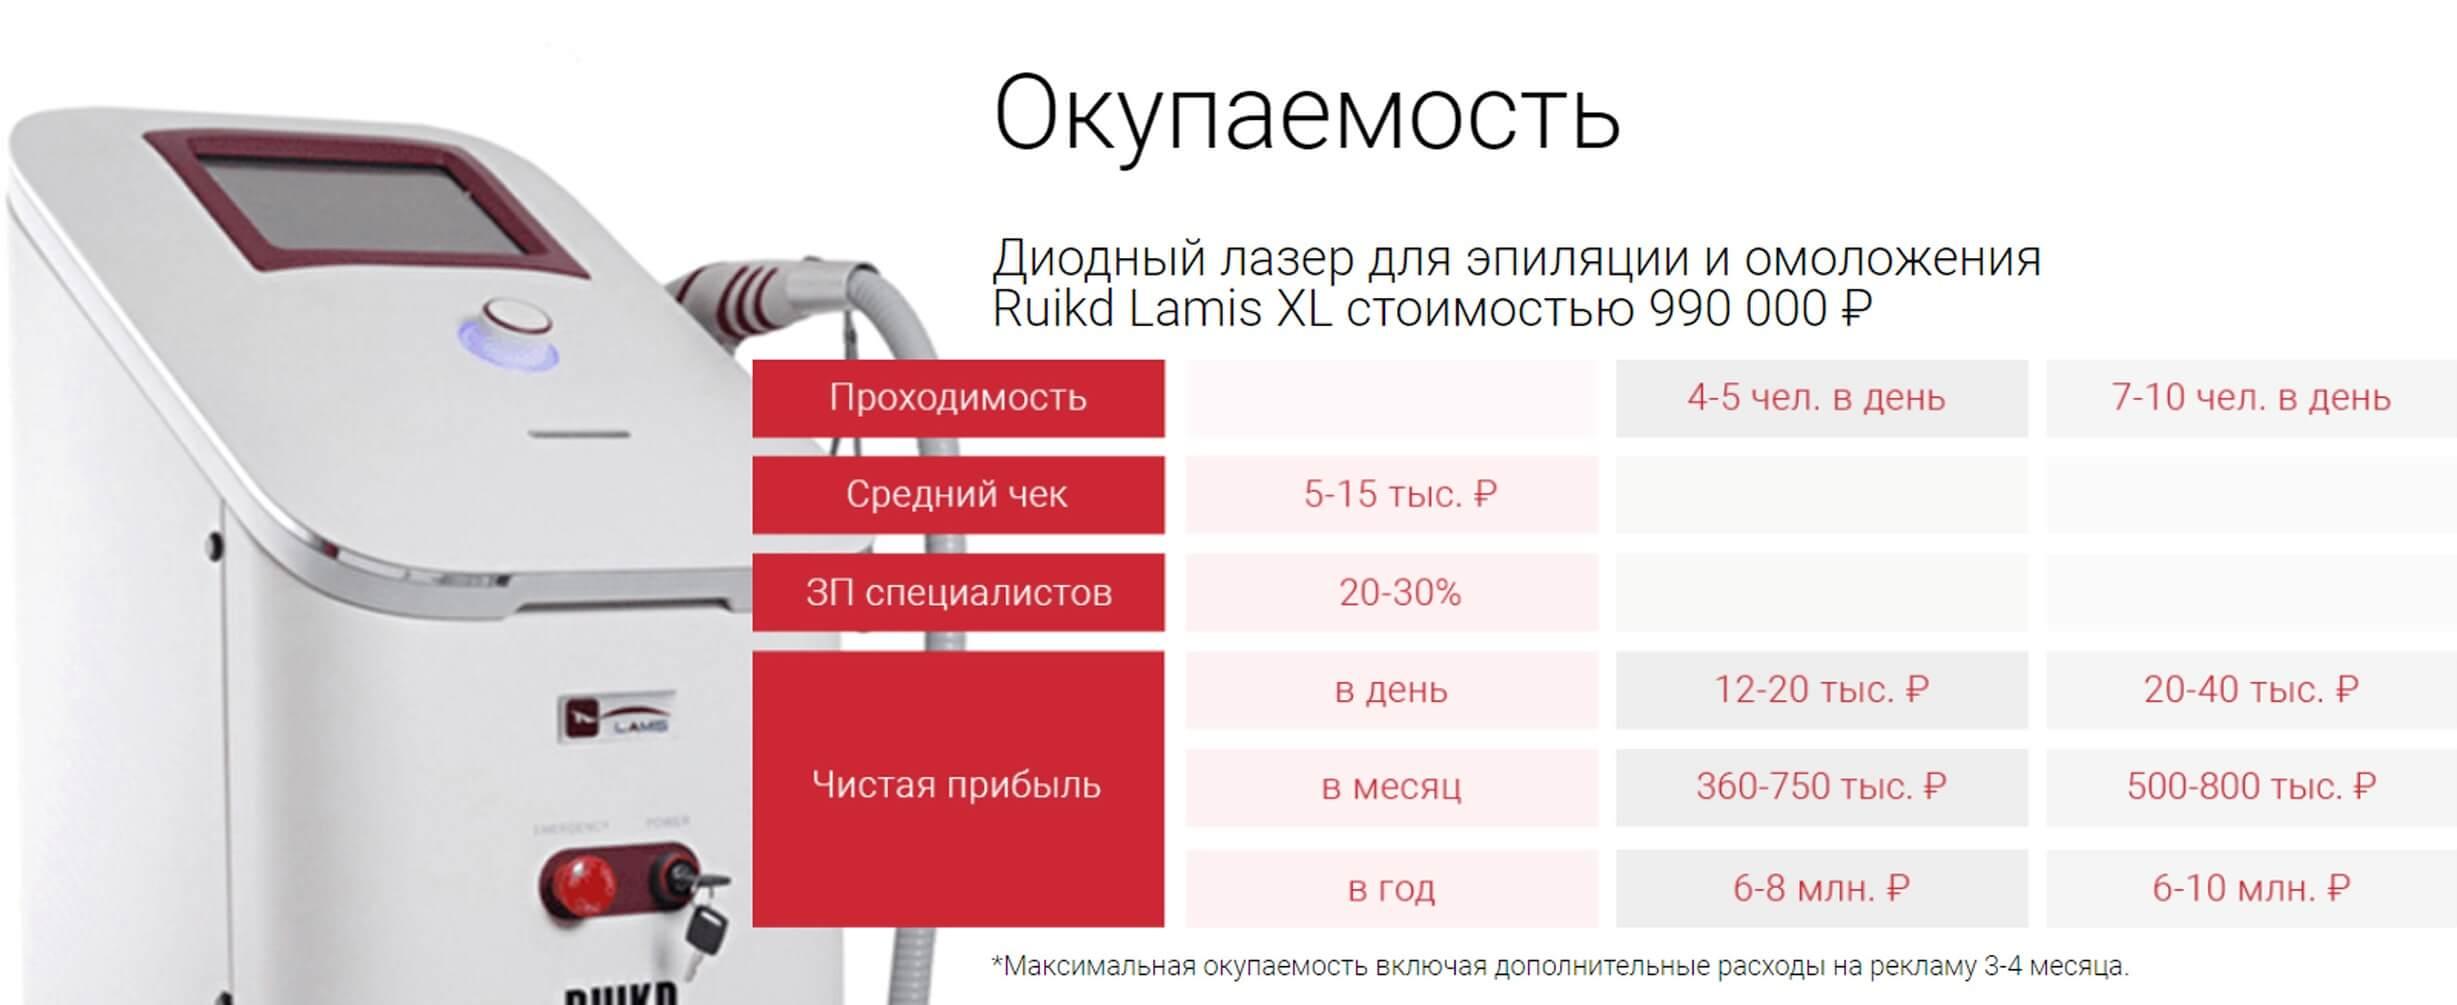 Ruikd Lamis XL